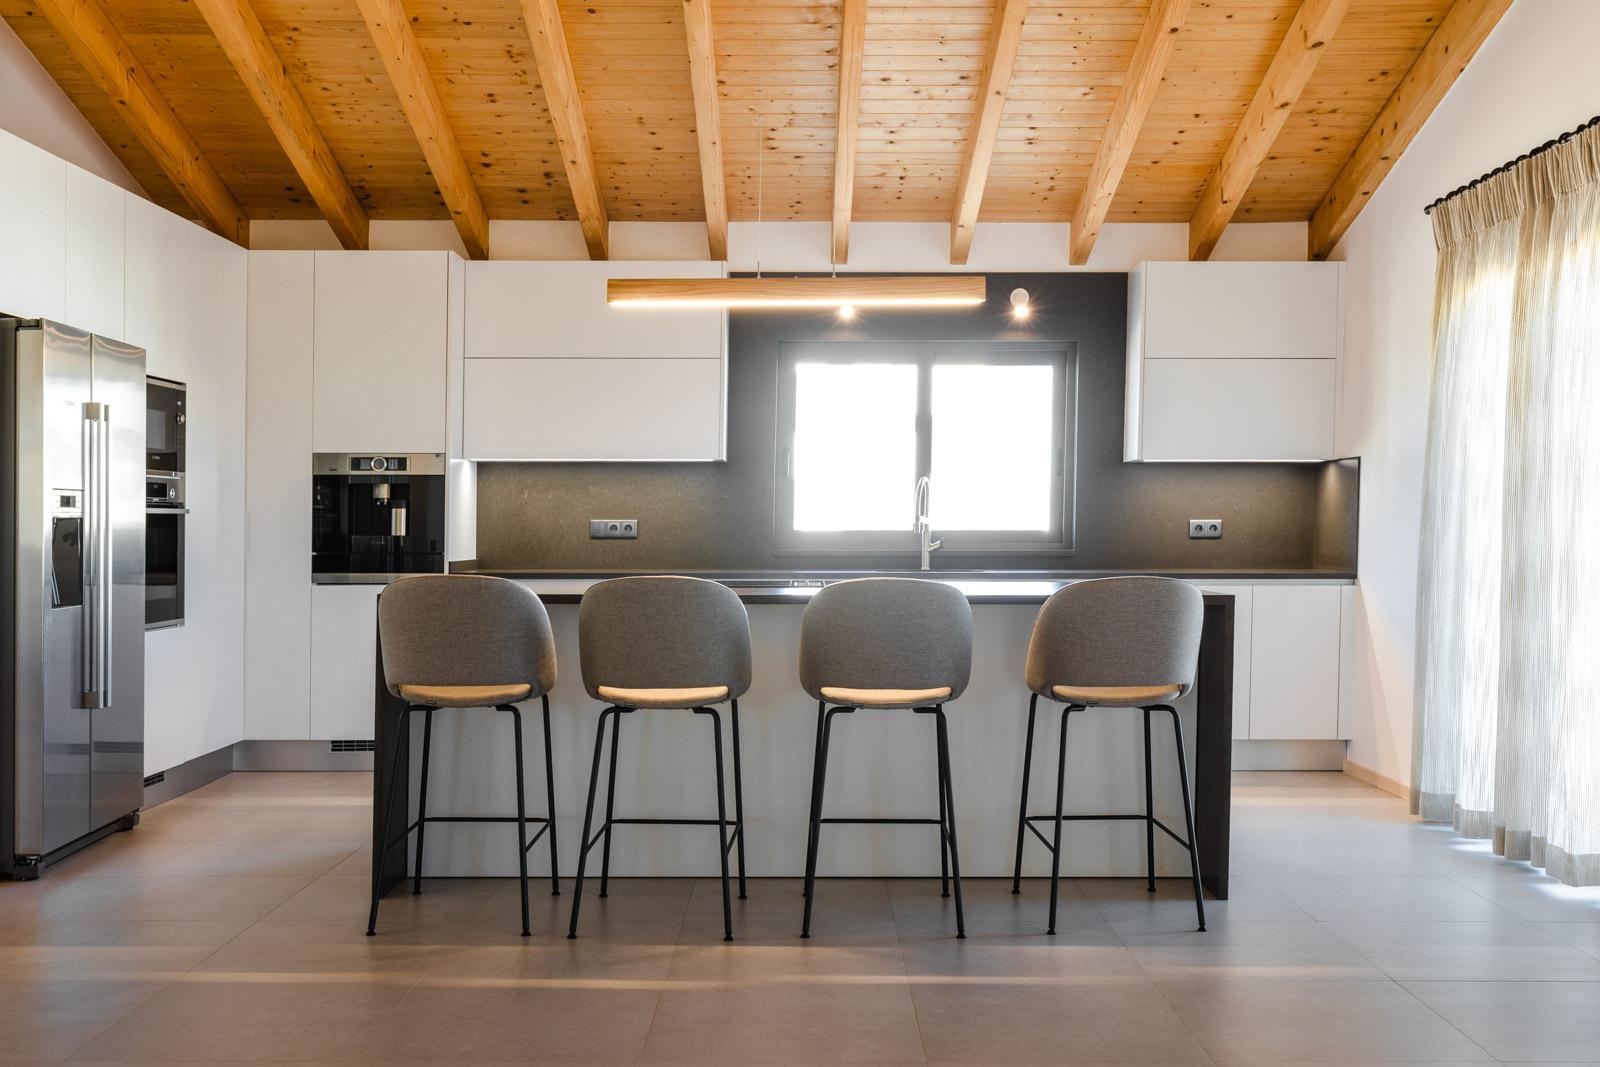 Cozinha moderna em Albufeira em termolaminado branco, com ilha em Silestone Merope Suede, com sistema BORA Classic 2.0 de indução, com combinado Americano, máquina de café, forno e micro-ondas.